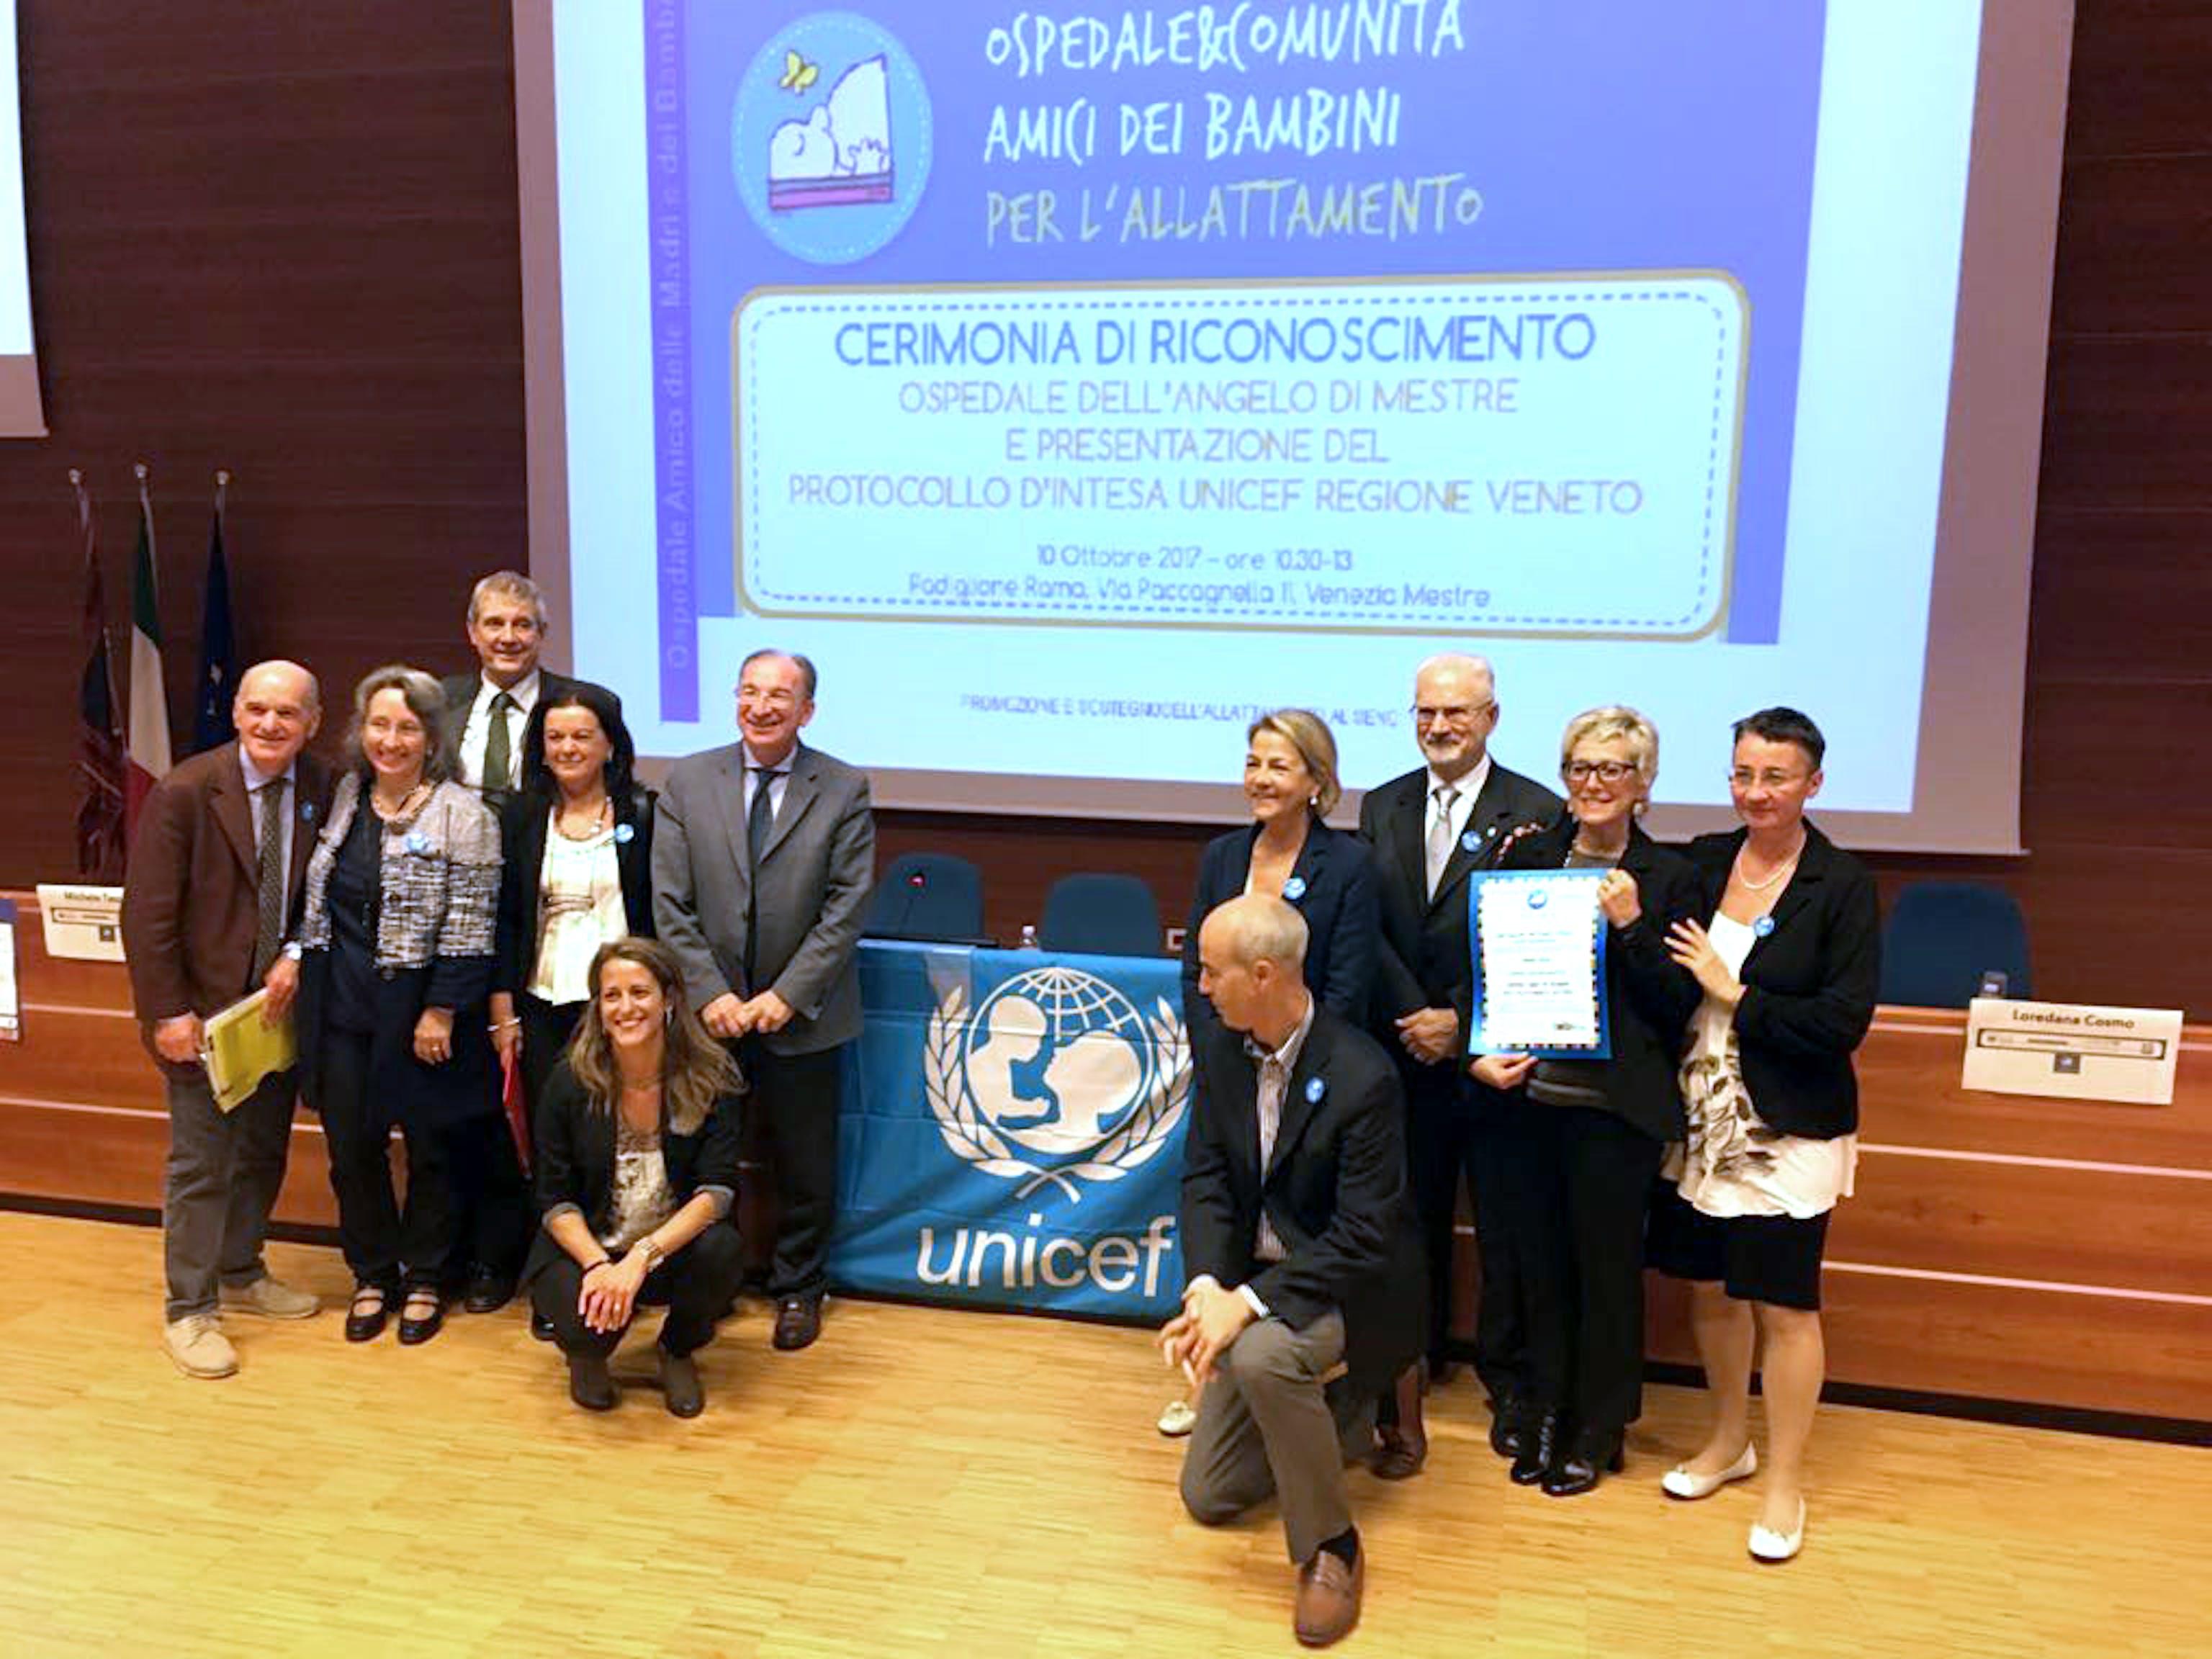 """un momento della cerimonia di consegna del riconoscimento dell'Ospedale dell'Angelo di Venezia come """"Ospedale amico dei bambini"""" - ©UNICEF Italia/2017/E. Chapin"""